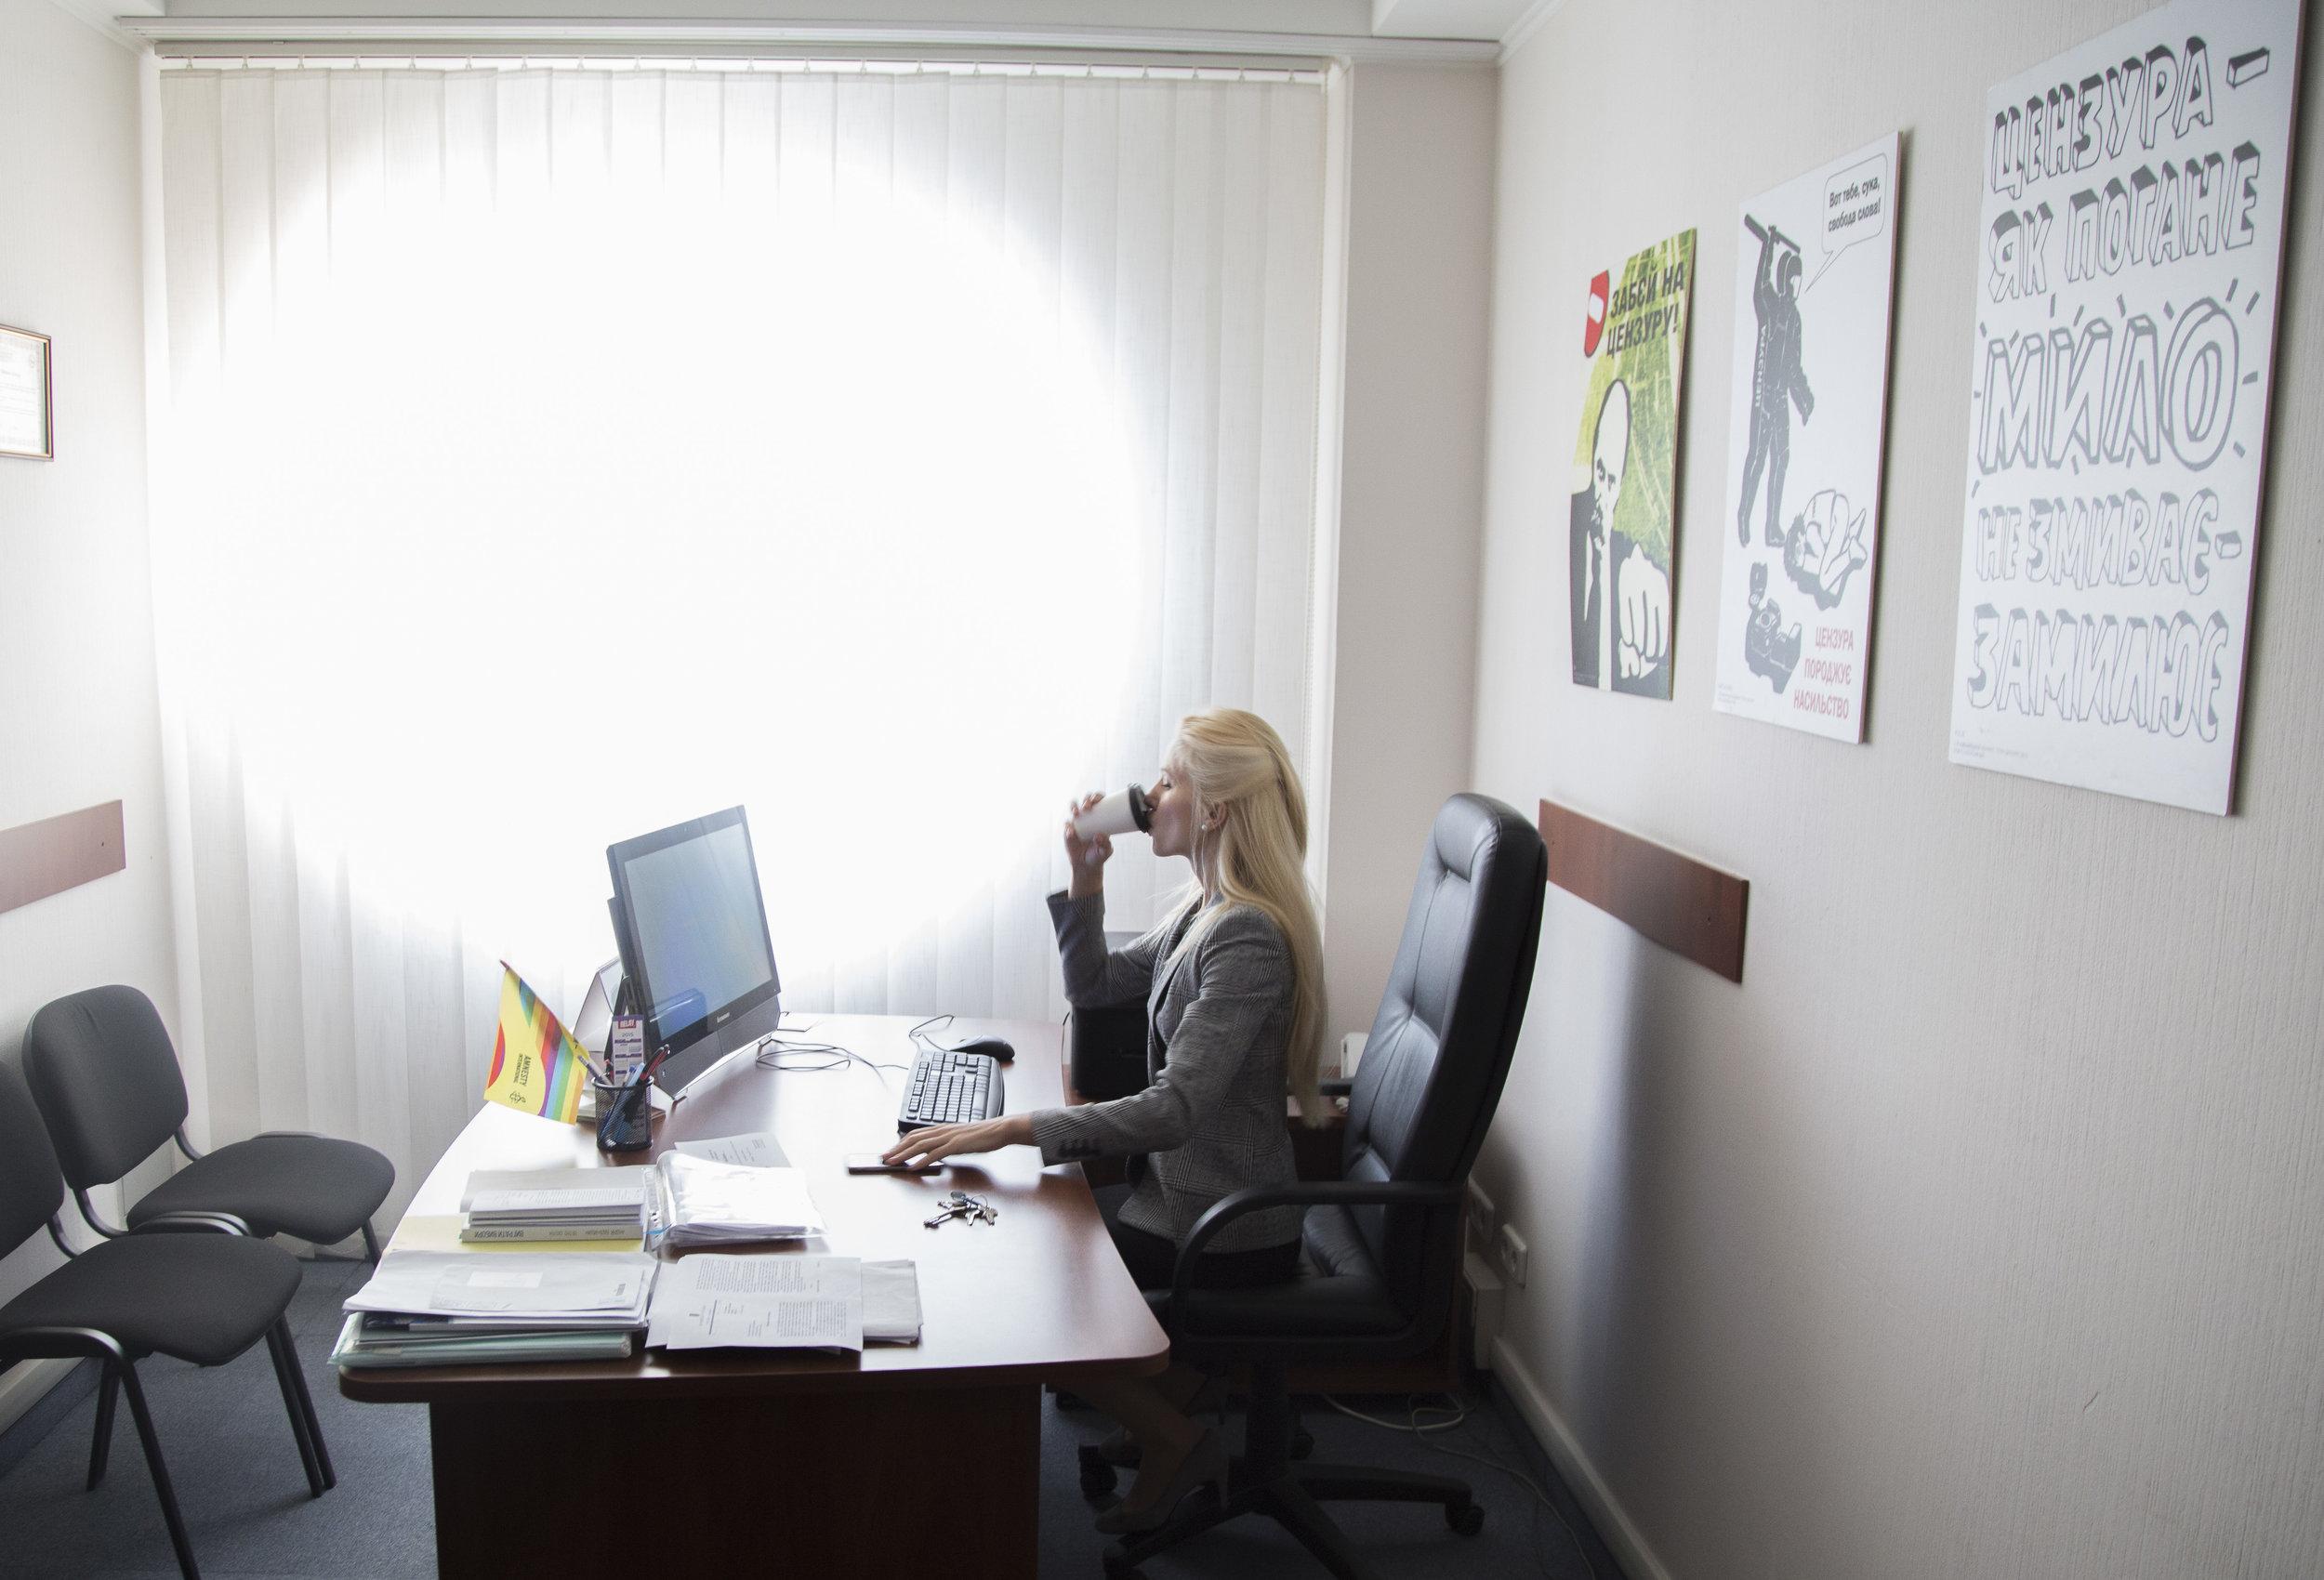 Svitlana Zalishchuk, a member of Ukraine's national parliament, in her office in Kiev.